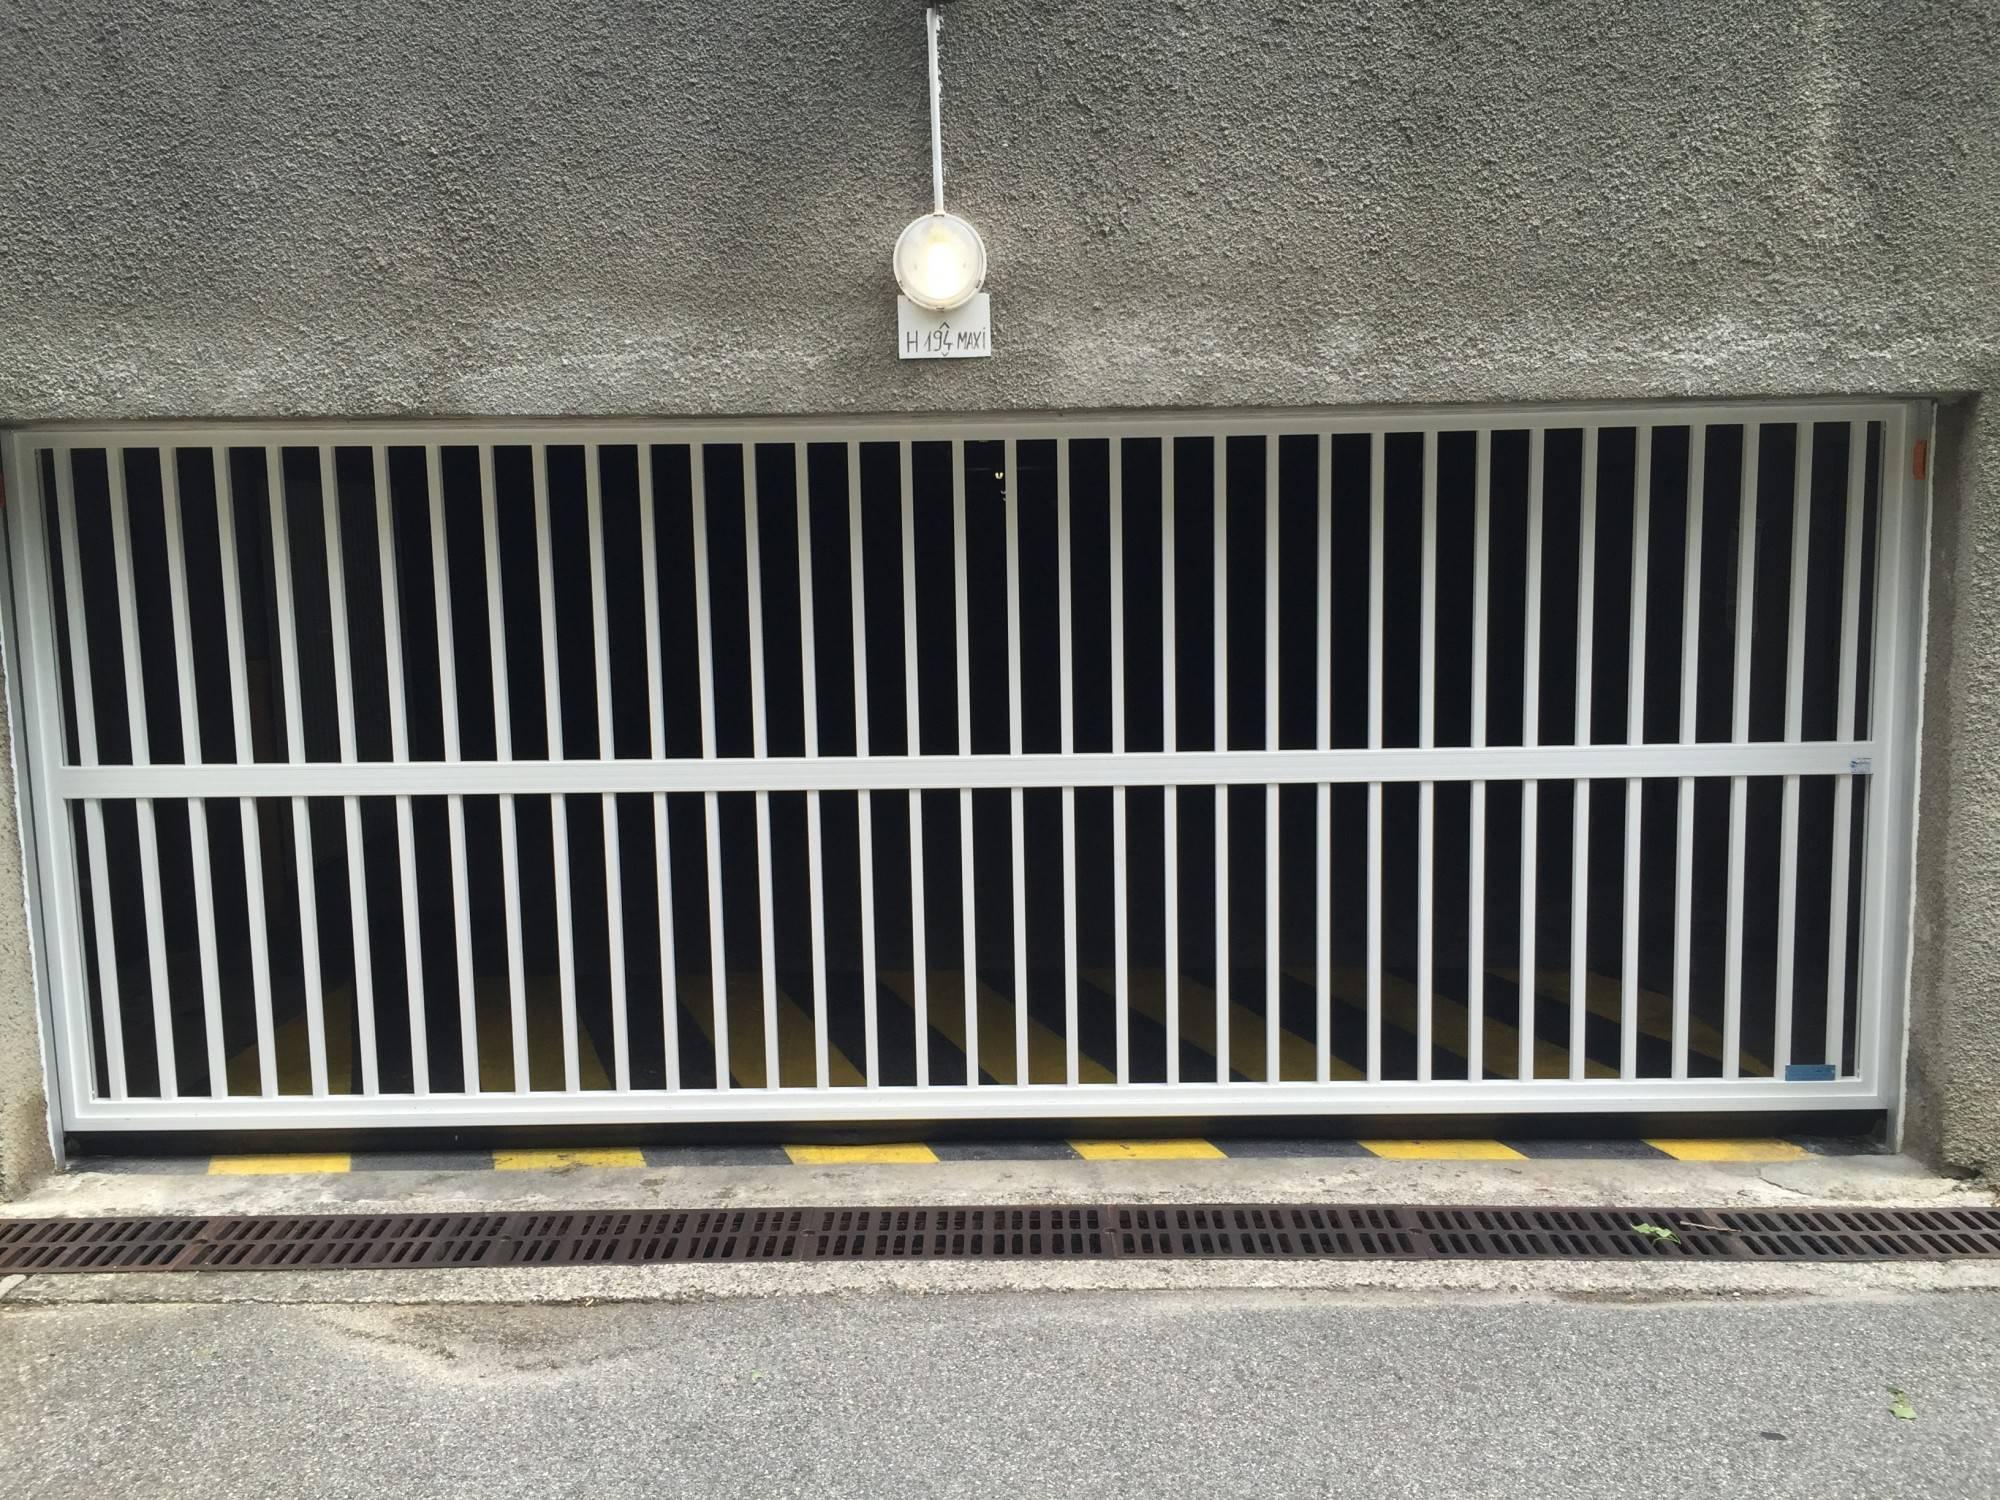 Porte De Garage Hormann Pas Cher vente de pièces détachées pour portes de garage hormann